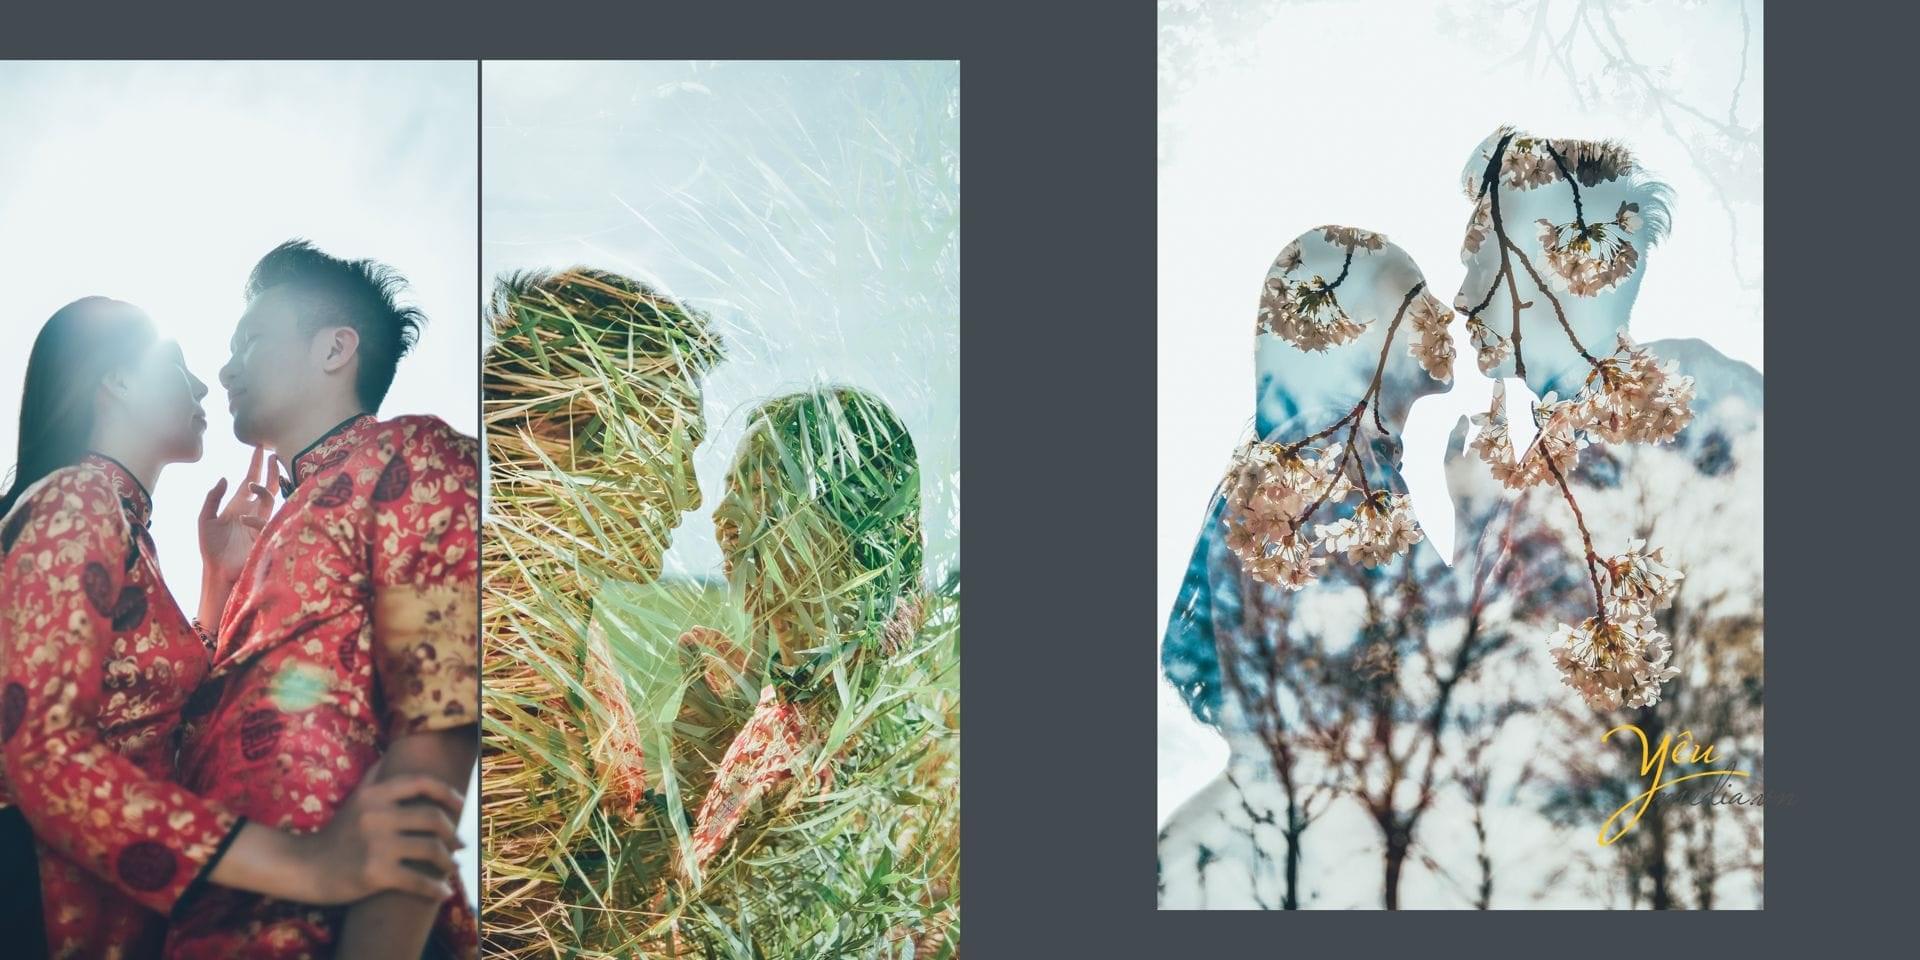 ảnh cưới in bóng cỏ cây hoa lá lên hình cô dâu chú rể